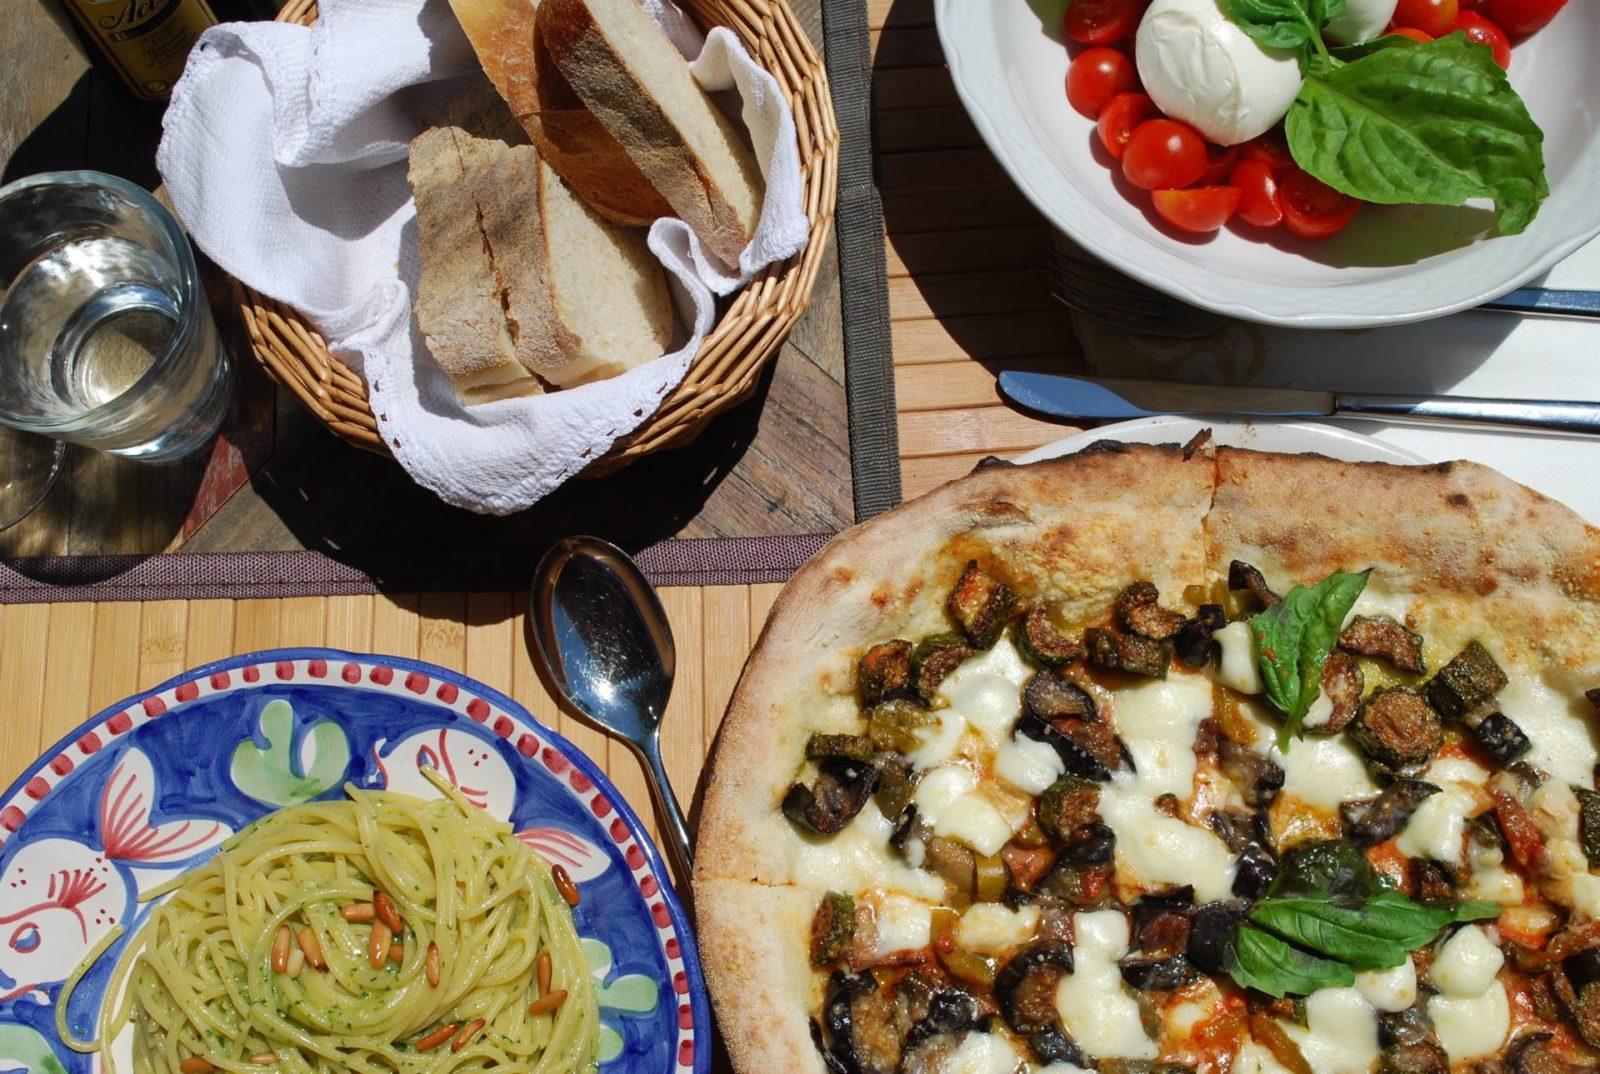 garden-villas-resport-ischia-food